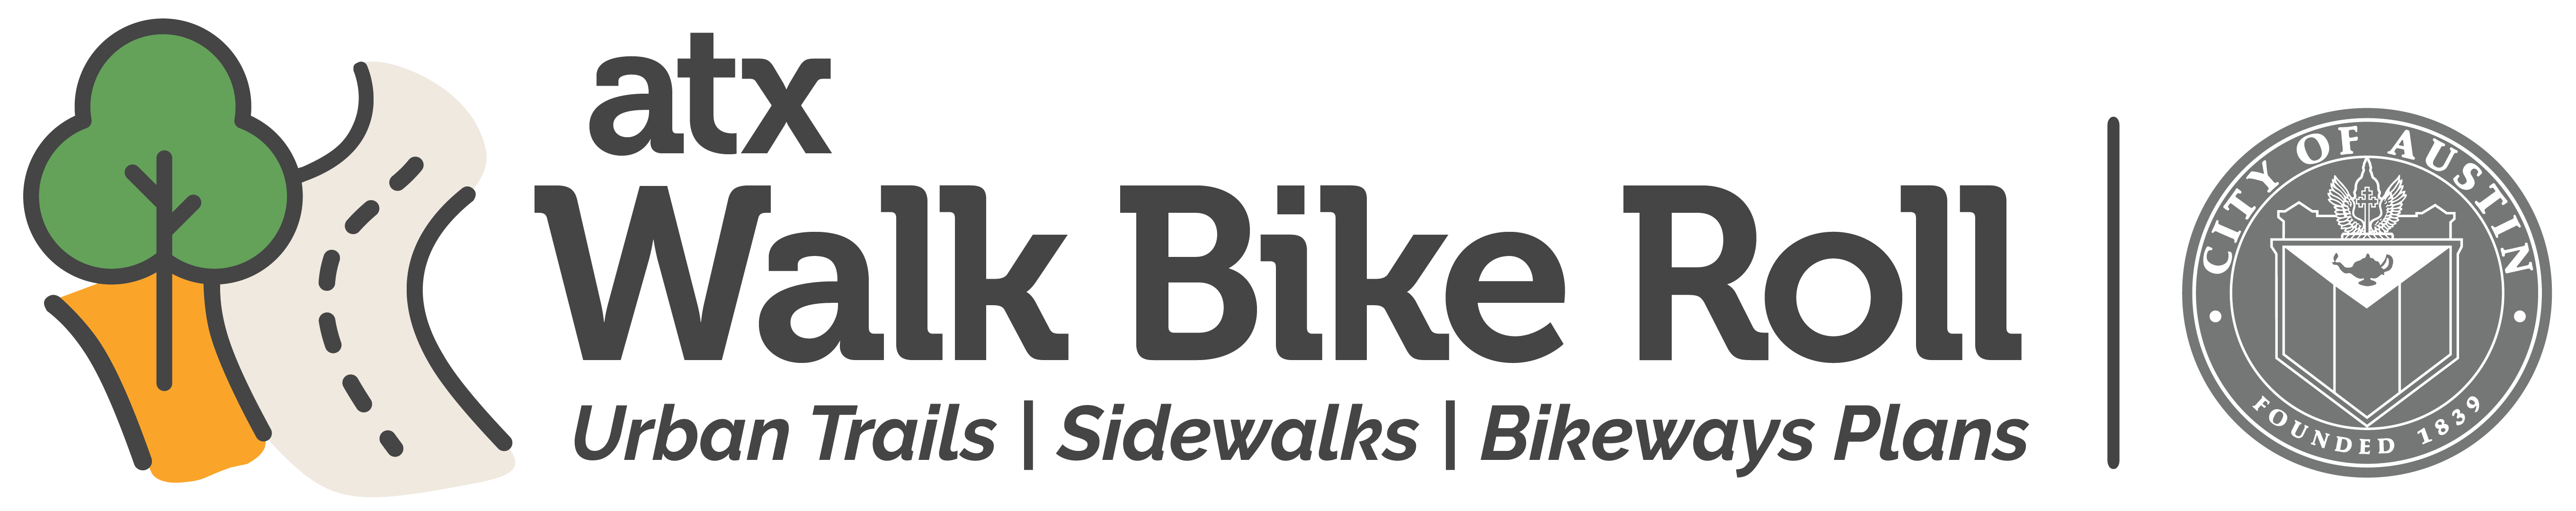 ATX Walk Bike Roll Logo